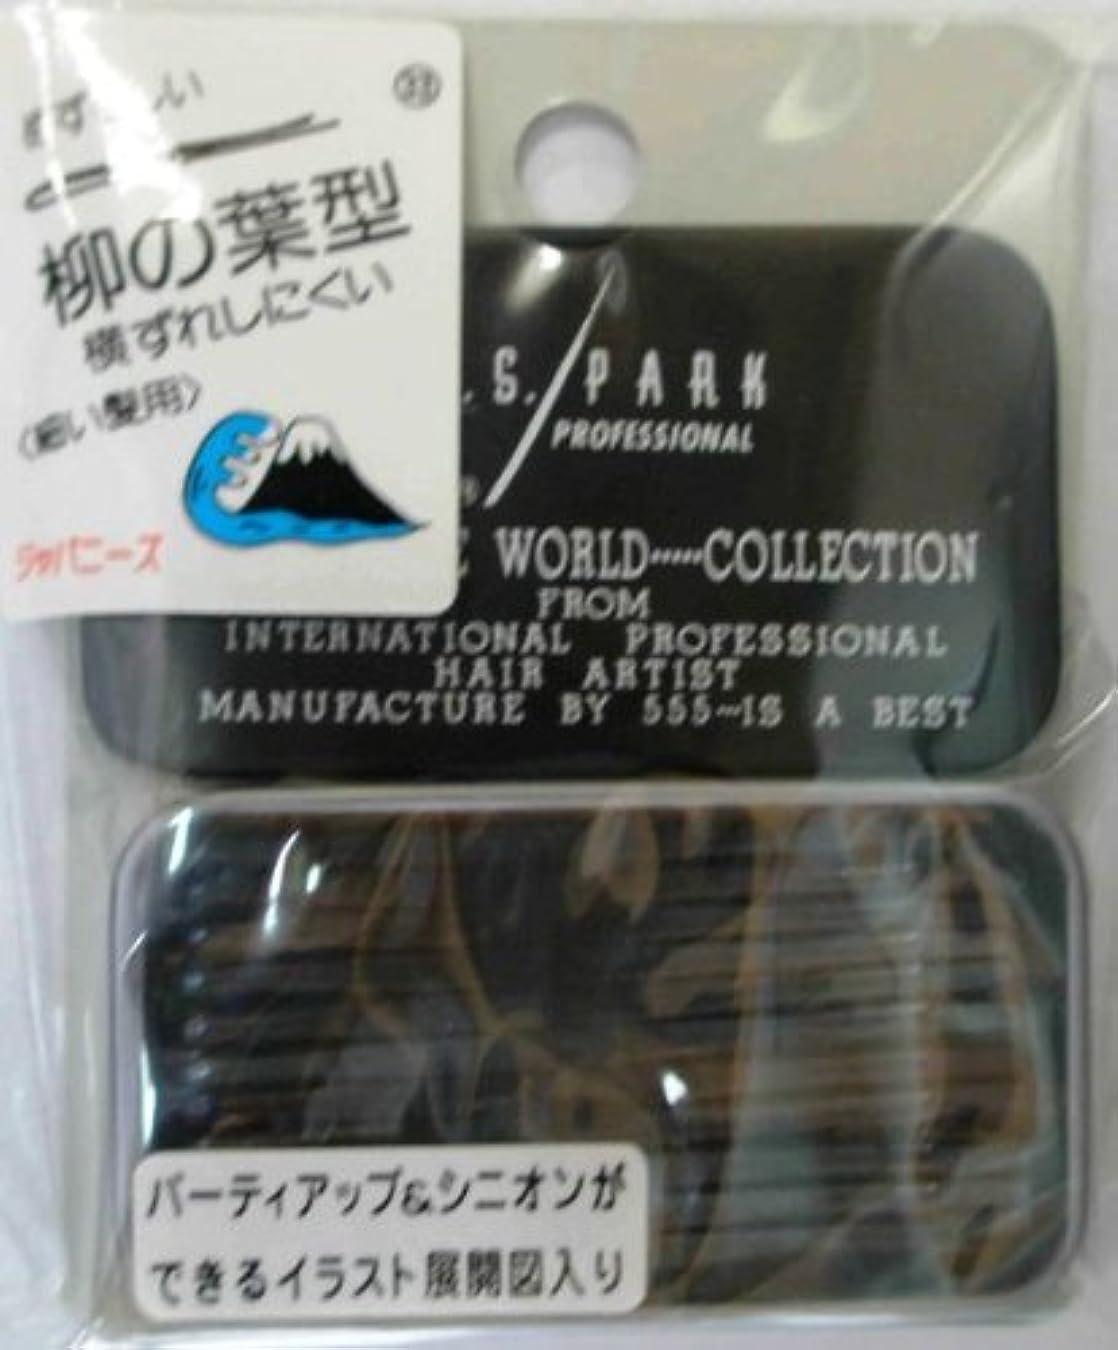 破滅的な事前に呼び起こすY.S.PARK世界のヘアピンコレクションNo.33(細い髪用)ジャパニーズ32P